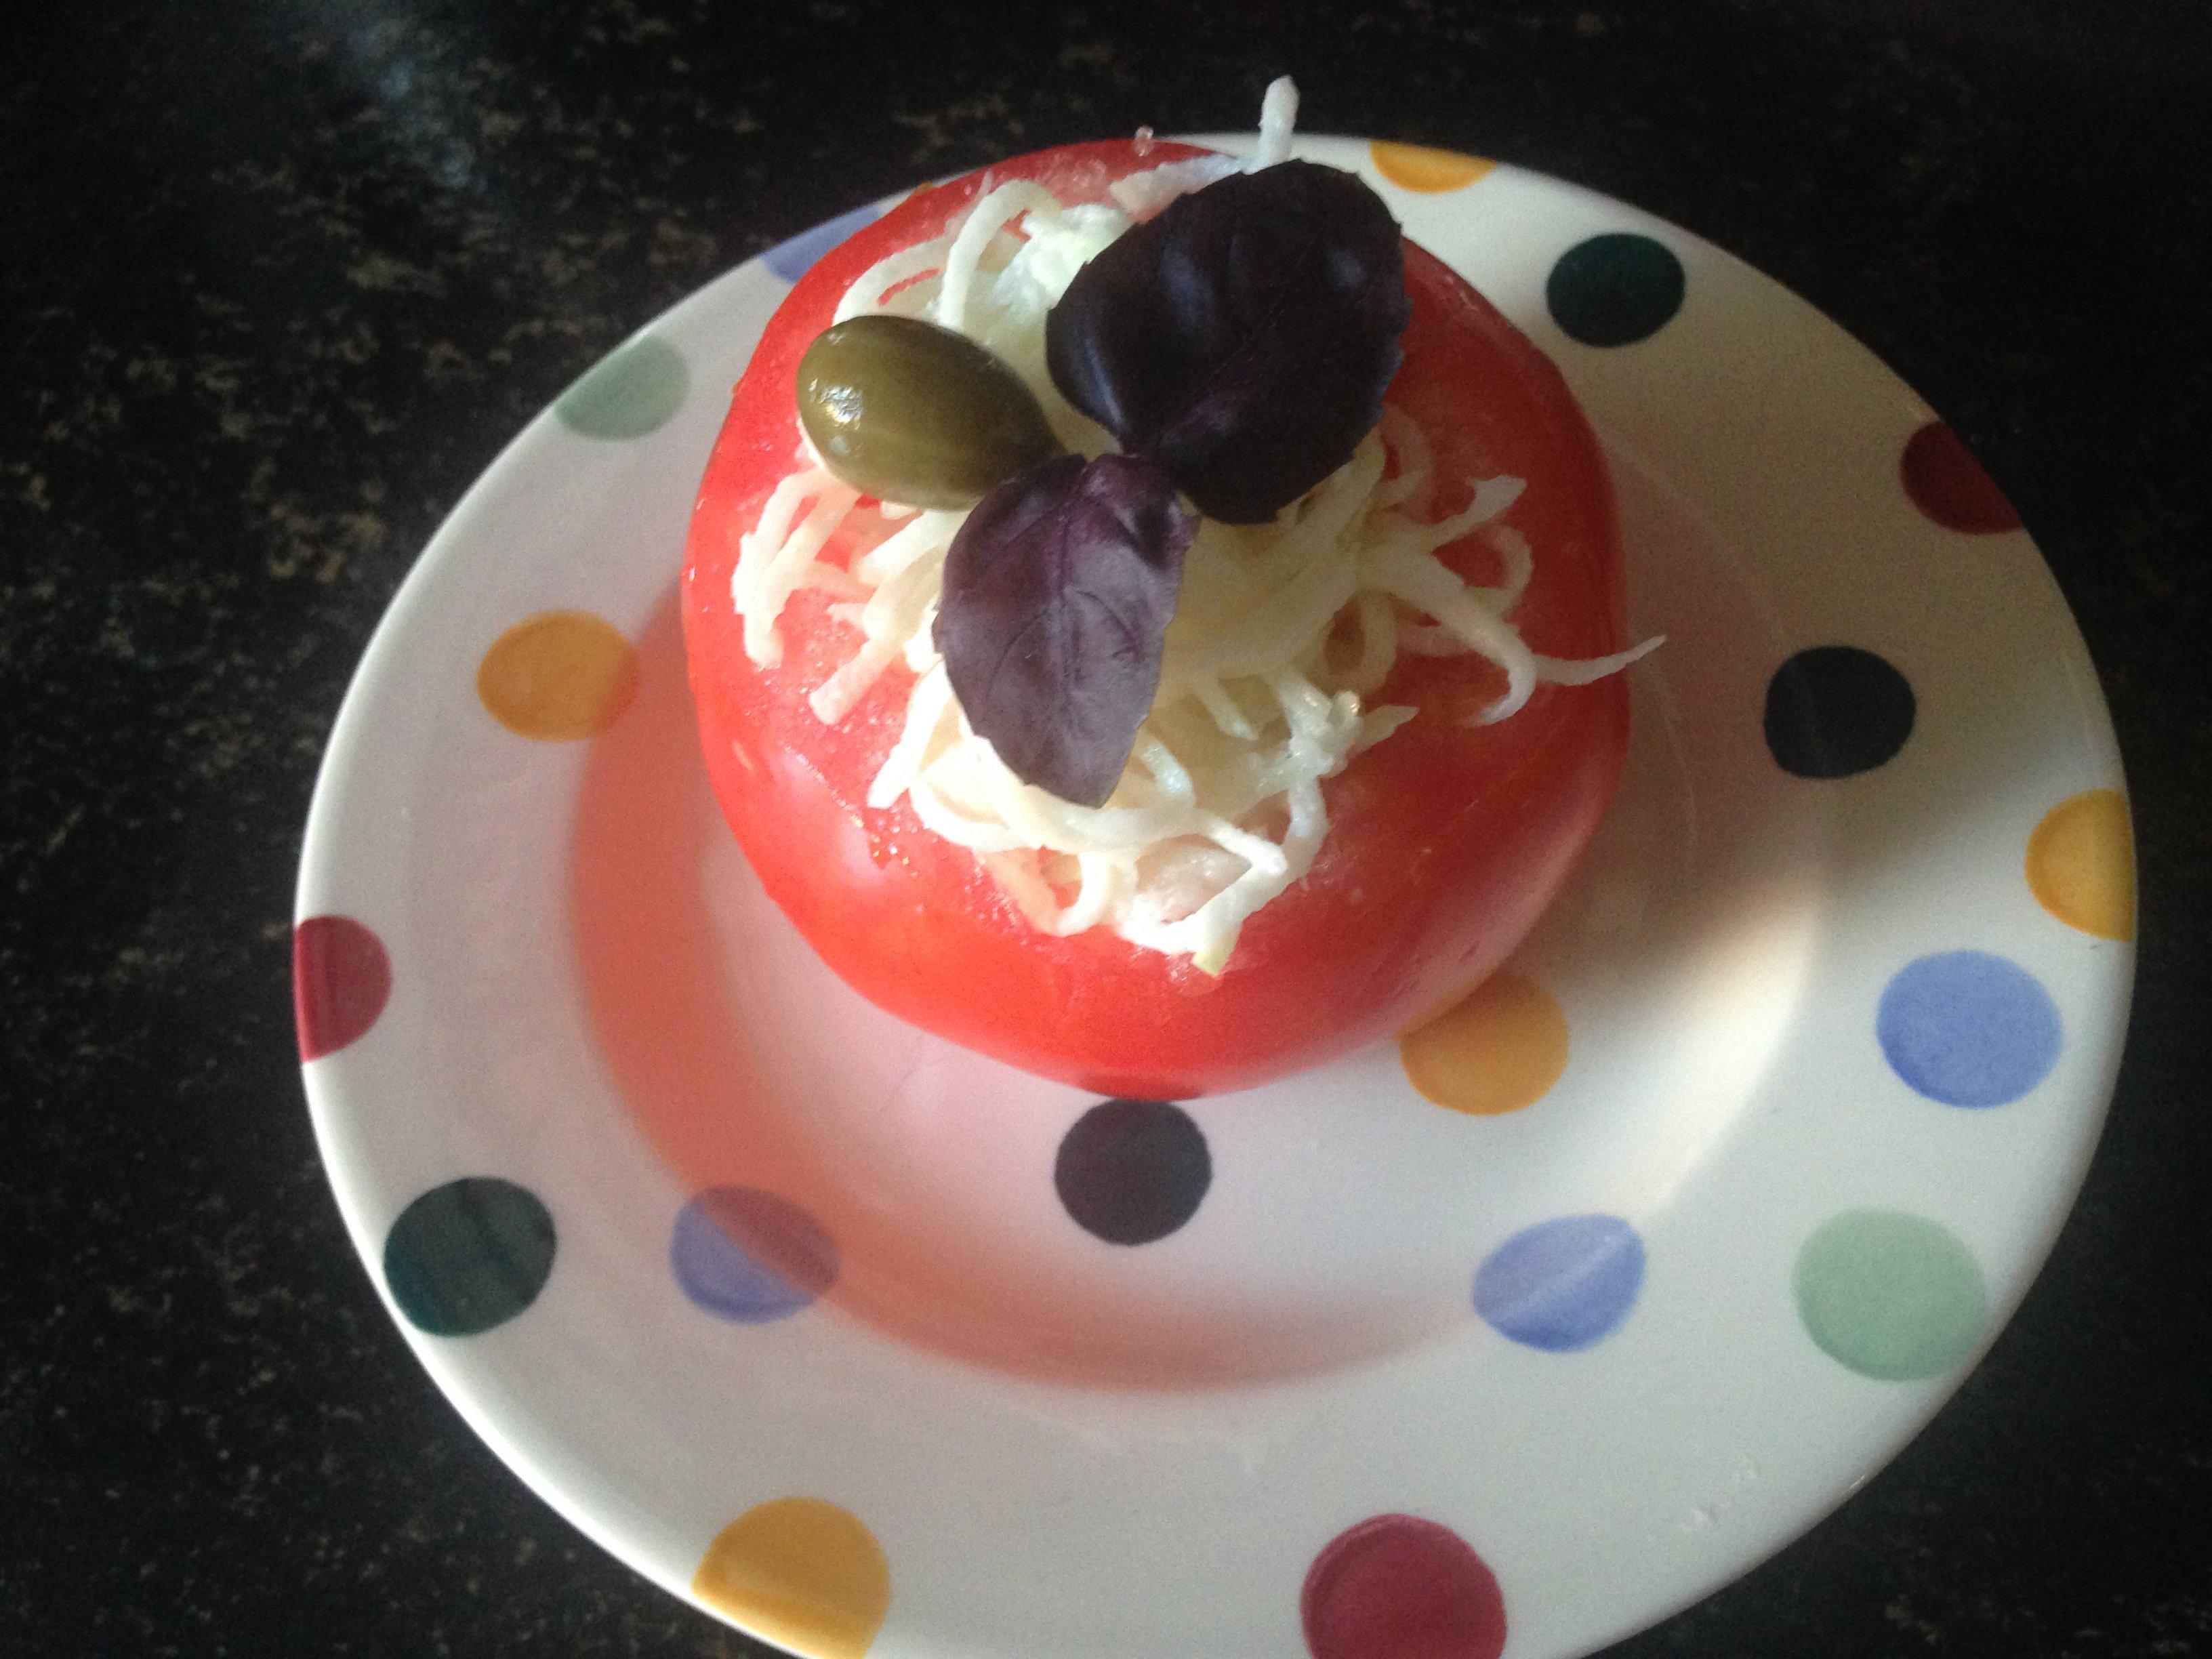 Keto Tomaat gevuld met selleriesalade